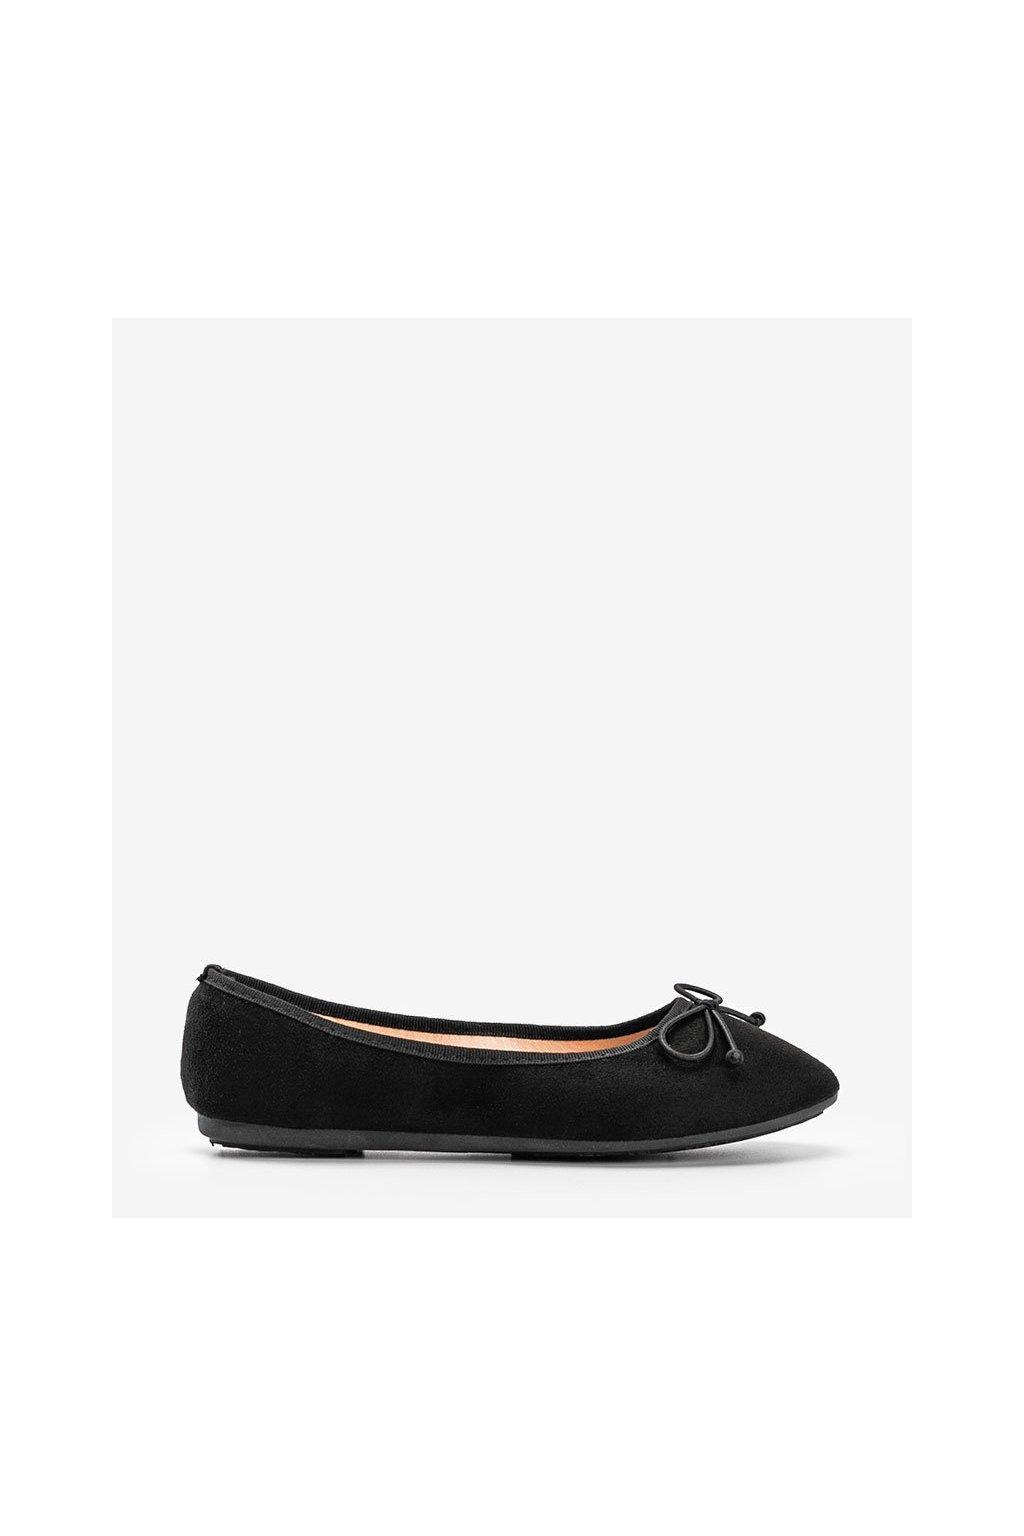 Dámske topánky mokasíny čierne kód 2CE-9490 - GM